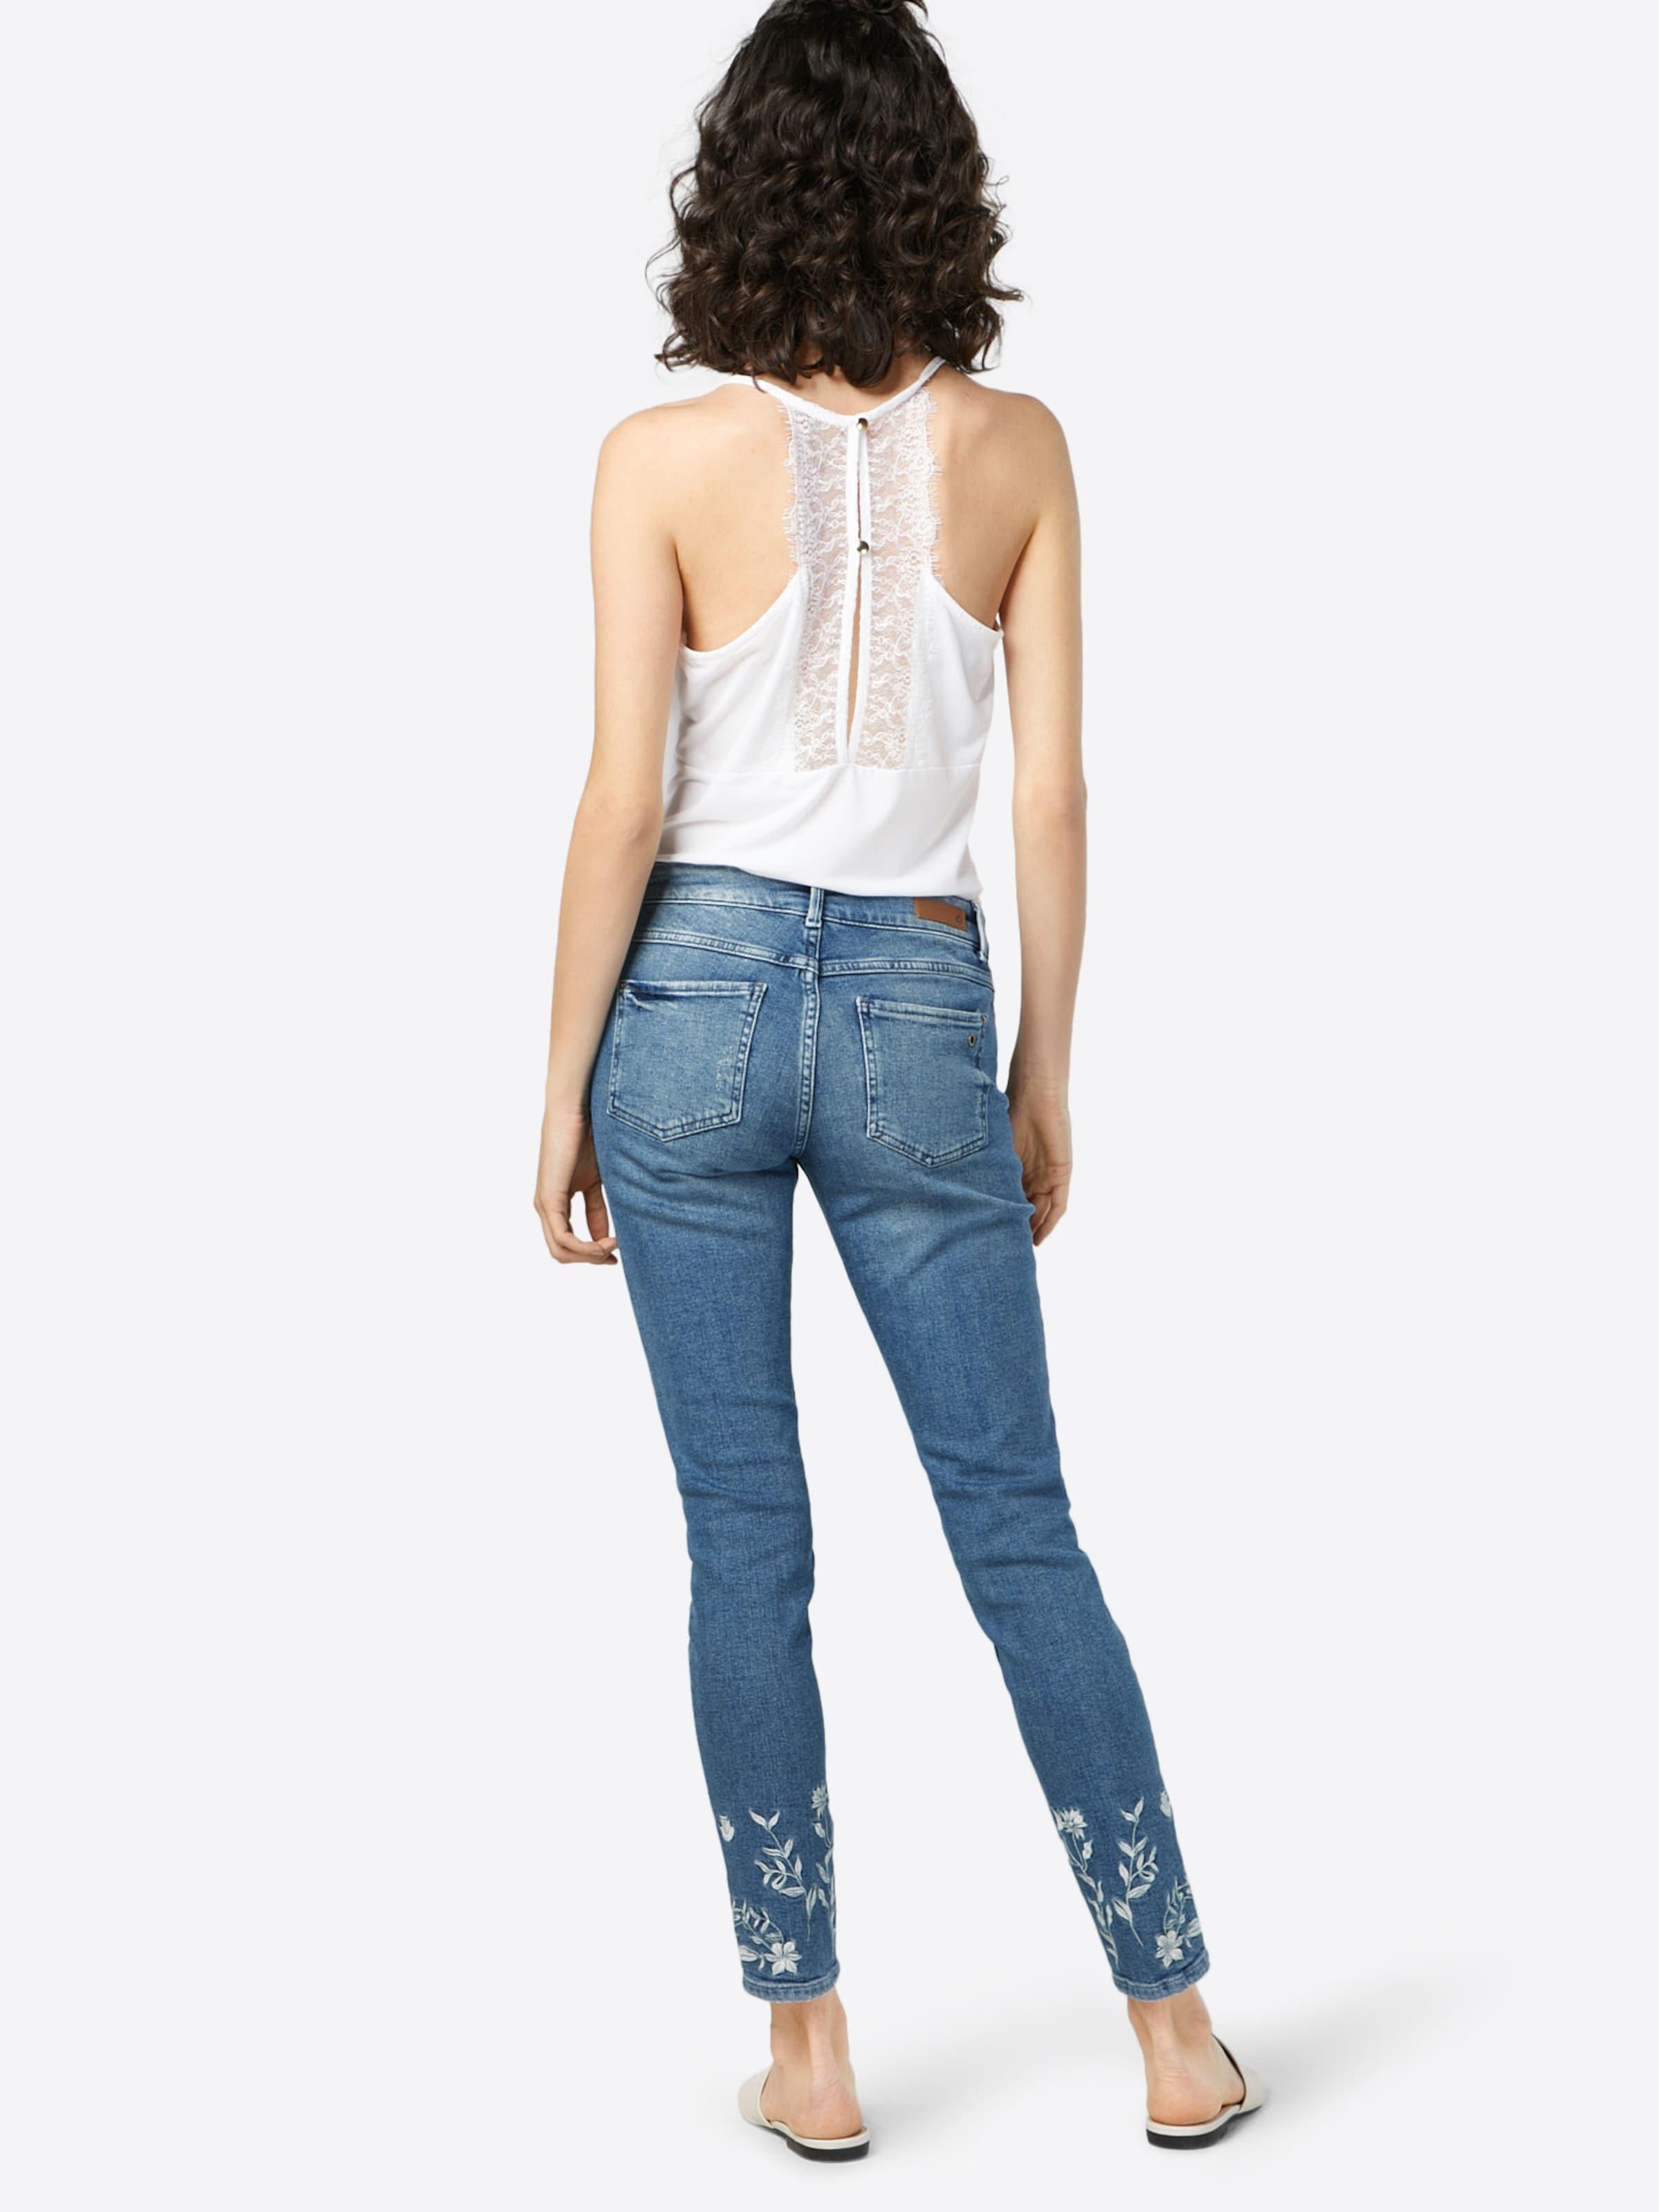 s.Oliver RED LABEL Jeans 'SHAPE SUPERSKINNY' Wie Viel Günstig Online Outlet-Preisen Steckdose Neu Top-Qualität Zum Verkauf Am Besten Zu Verkaufen WdkWsTk